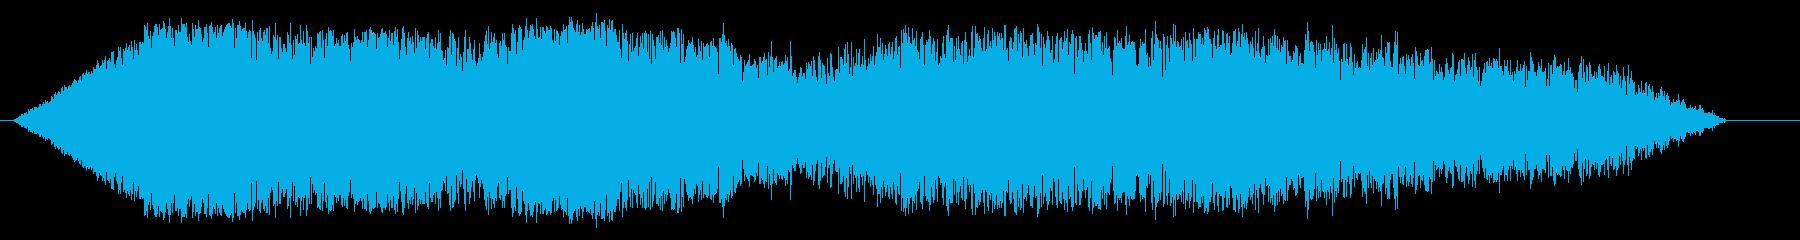 船内/船外船; By(複数)、Cu...の再生済みの波形